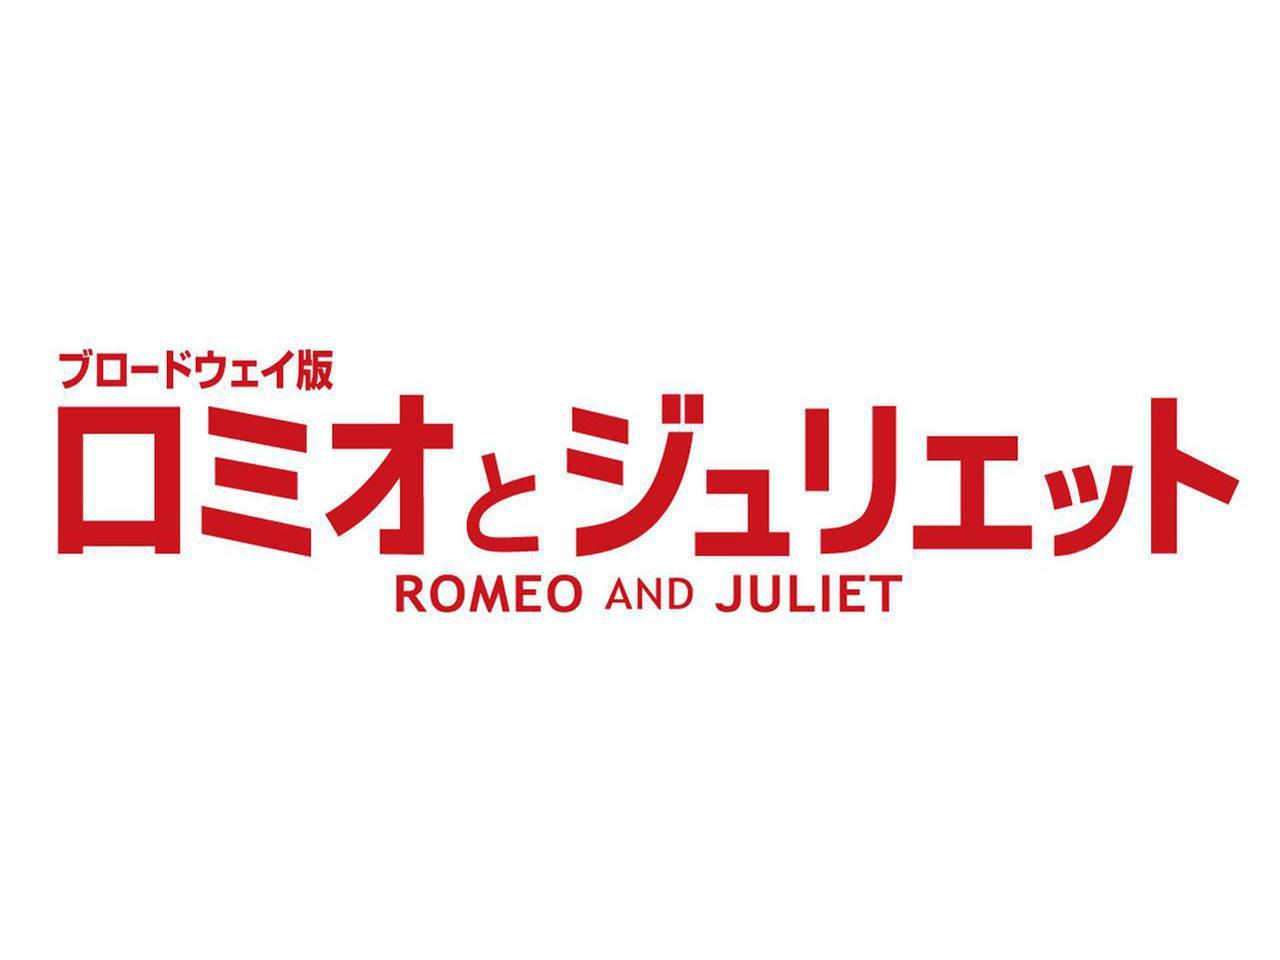 画像: 『ロミオとジュリエット』 - 松竹ブロードウェイシネマ